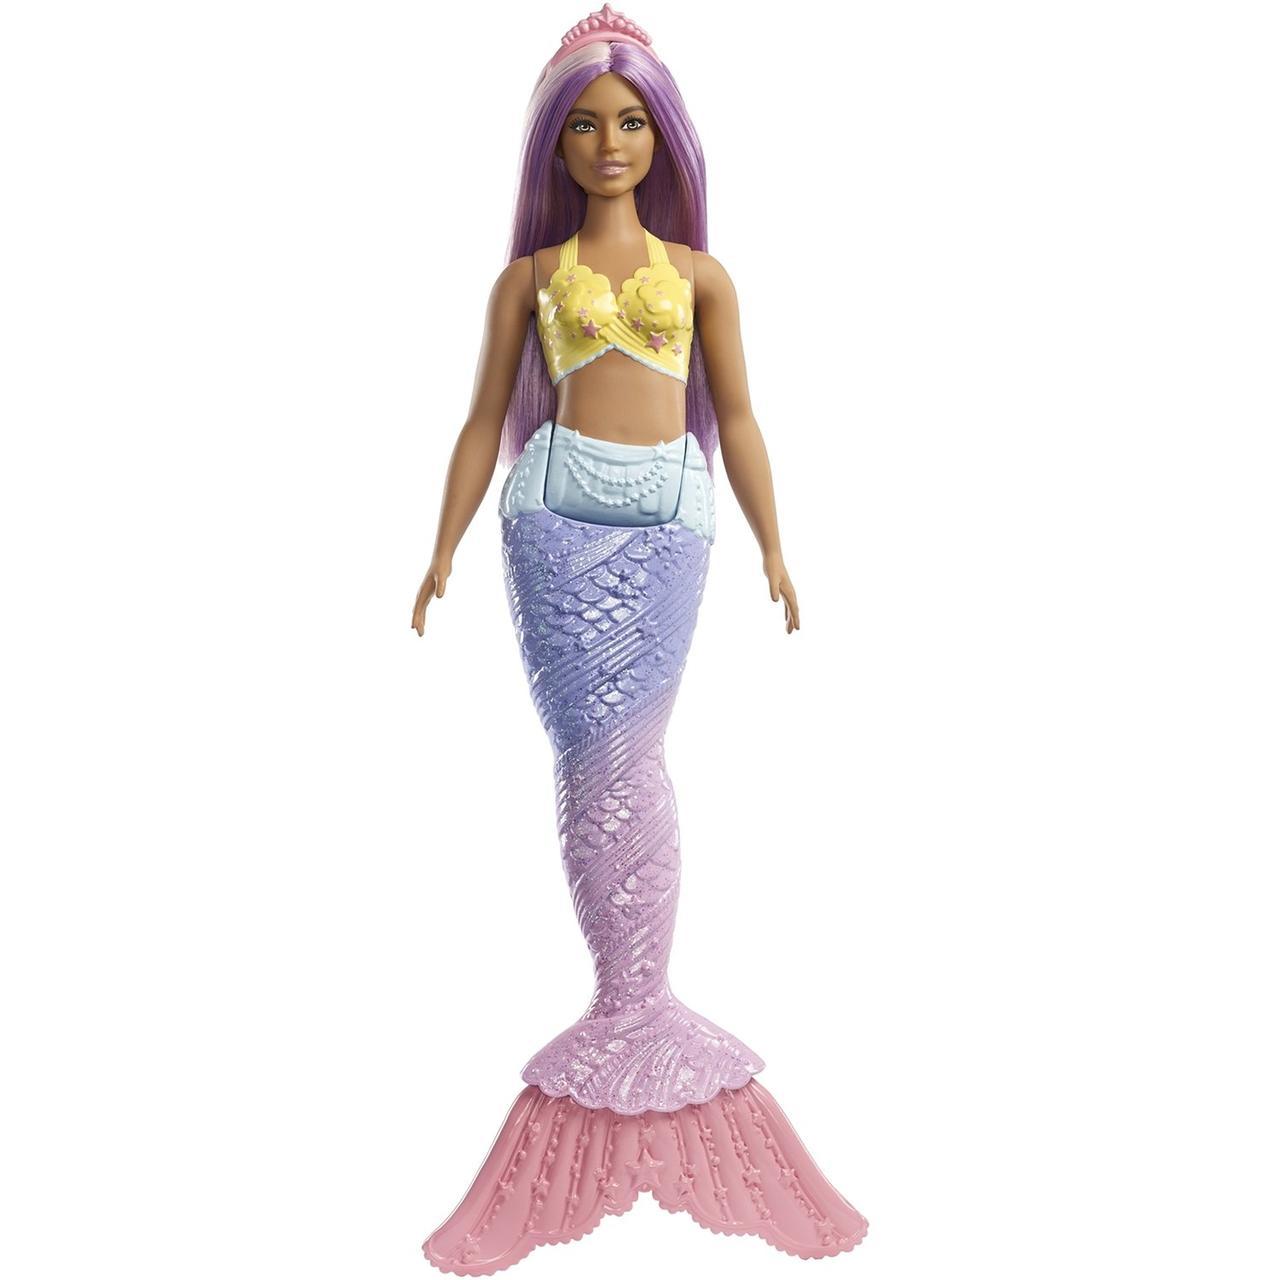 Кукла Barbie Dreamtopia Русалочка с сиреневыми волосами FXT09